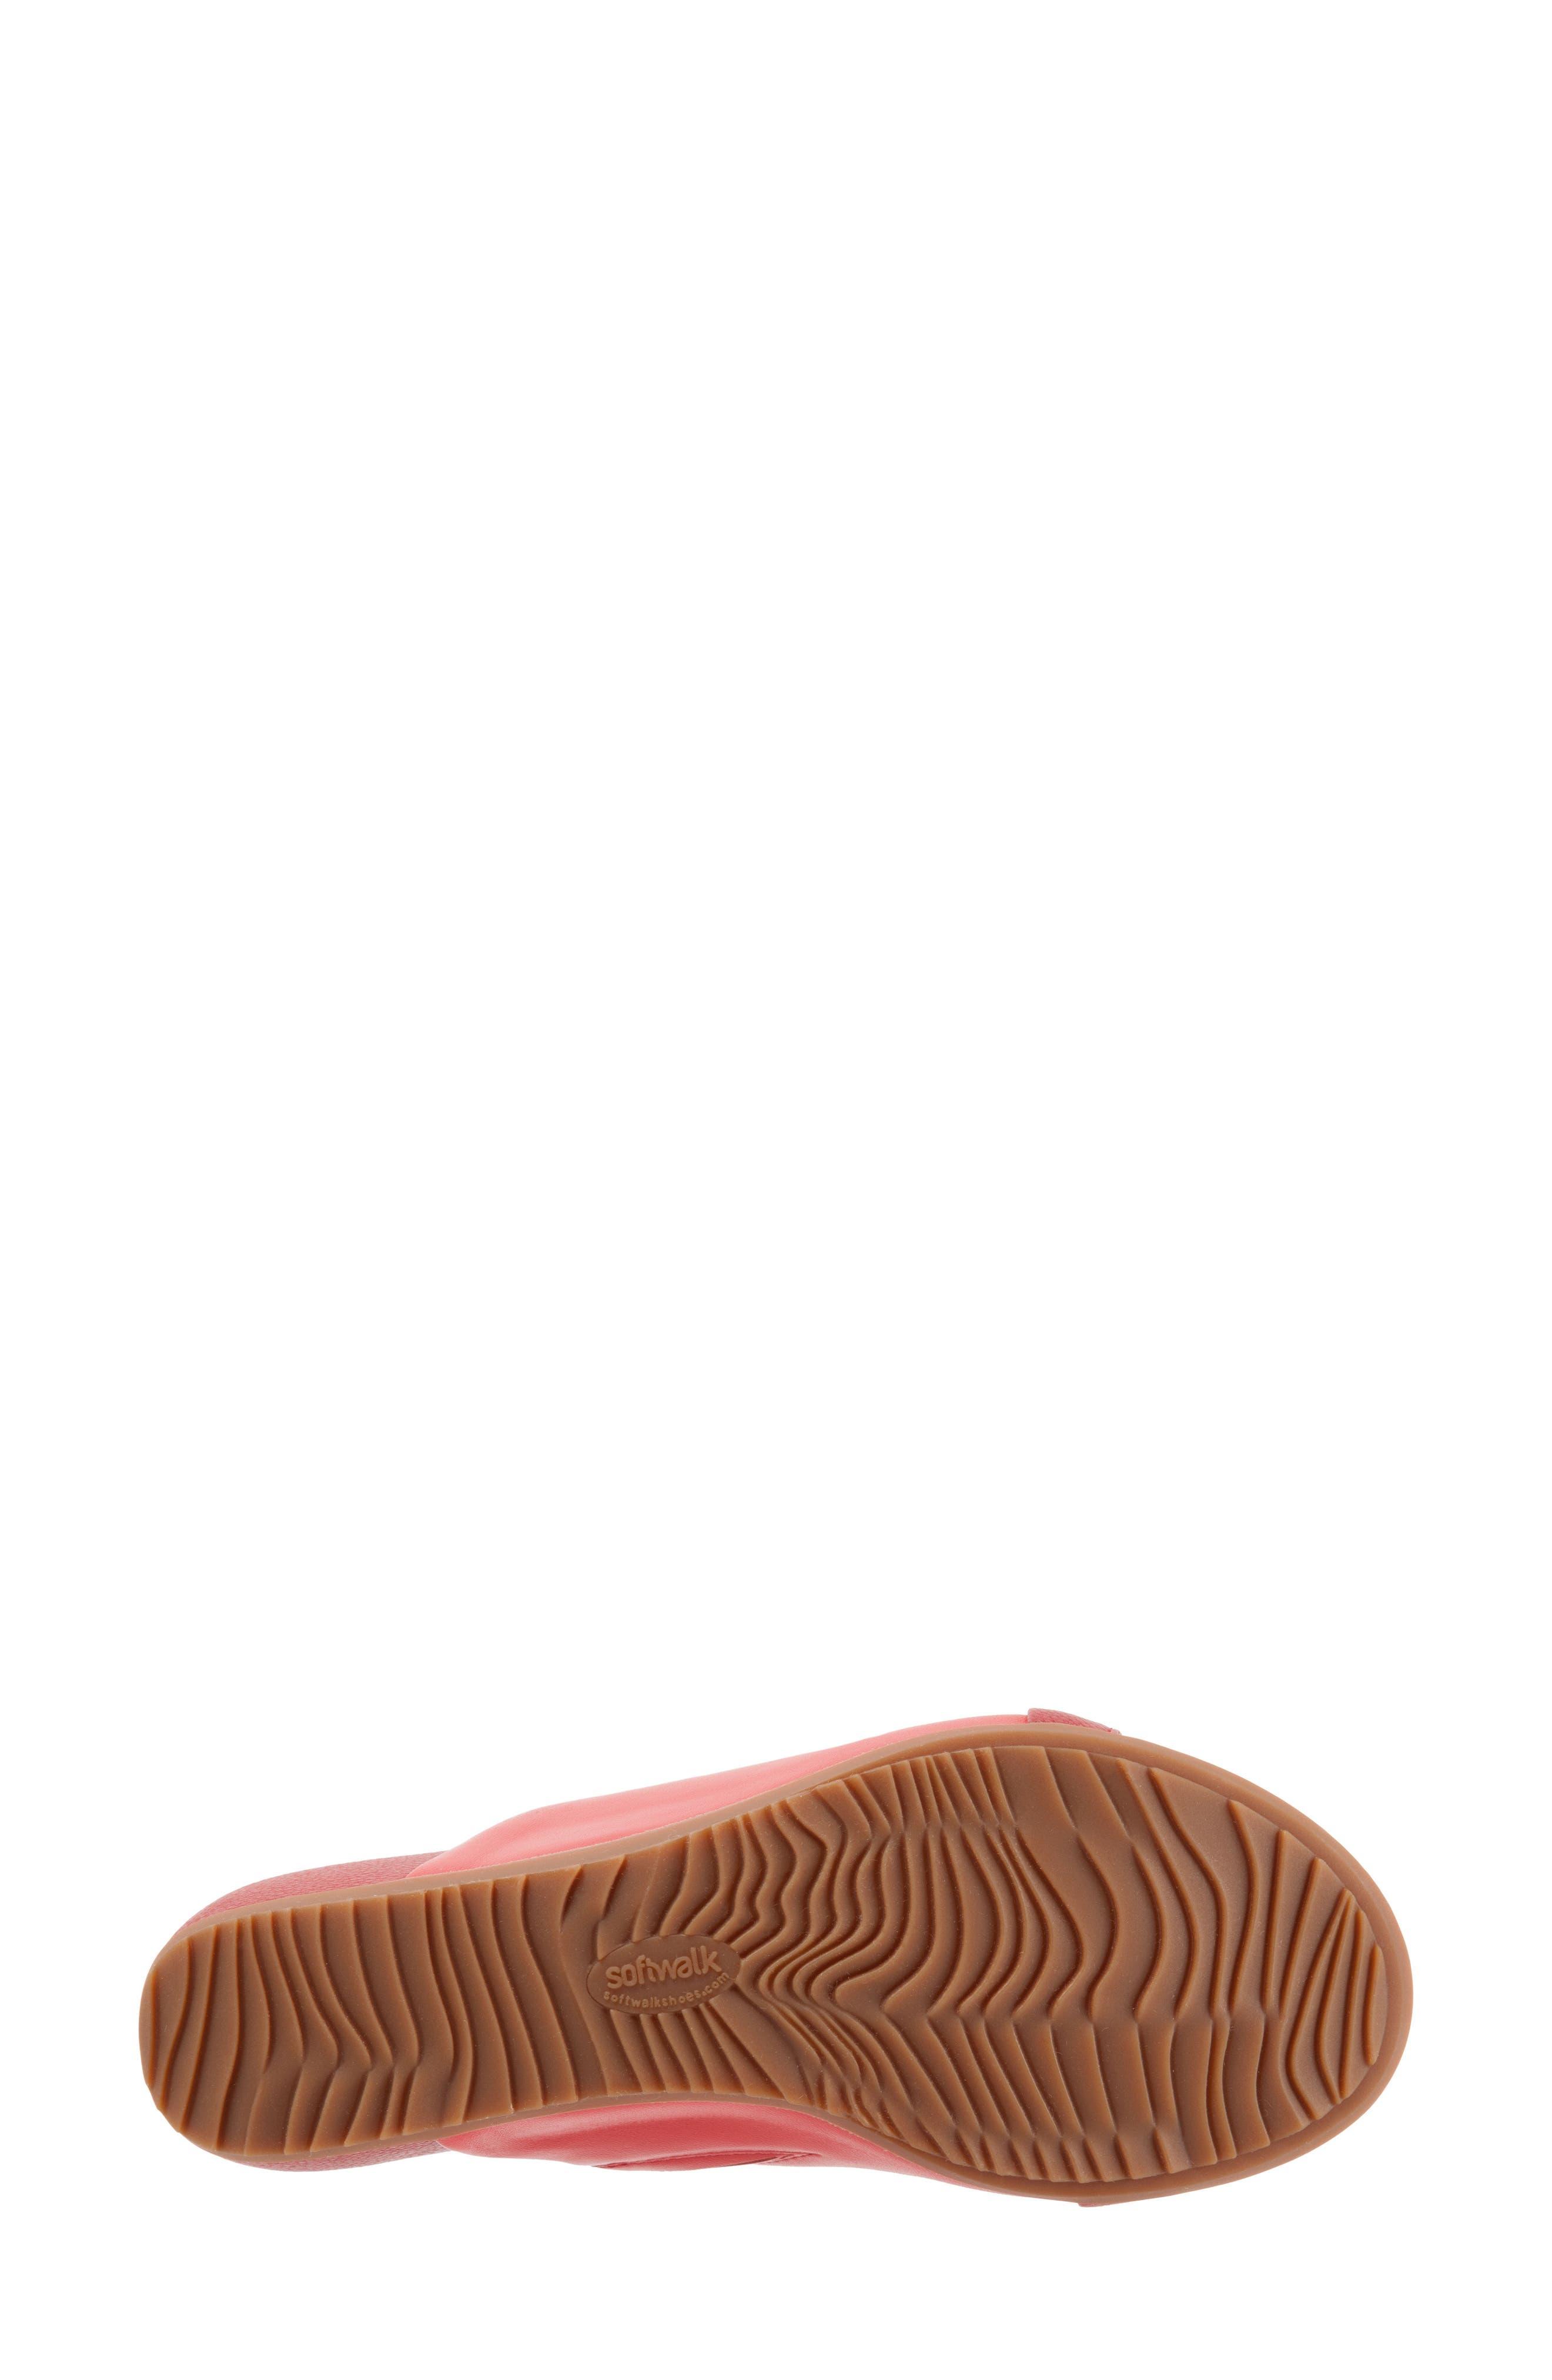 SOFTWALK<SUP>®</SUP>, Del Mar Slide Sandal, Alternate thumbnail 6, color, RED LEATHER